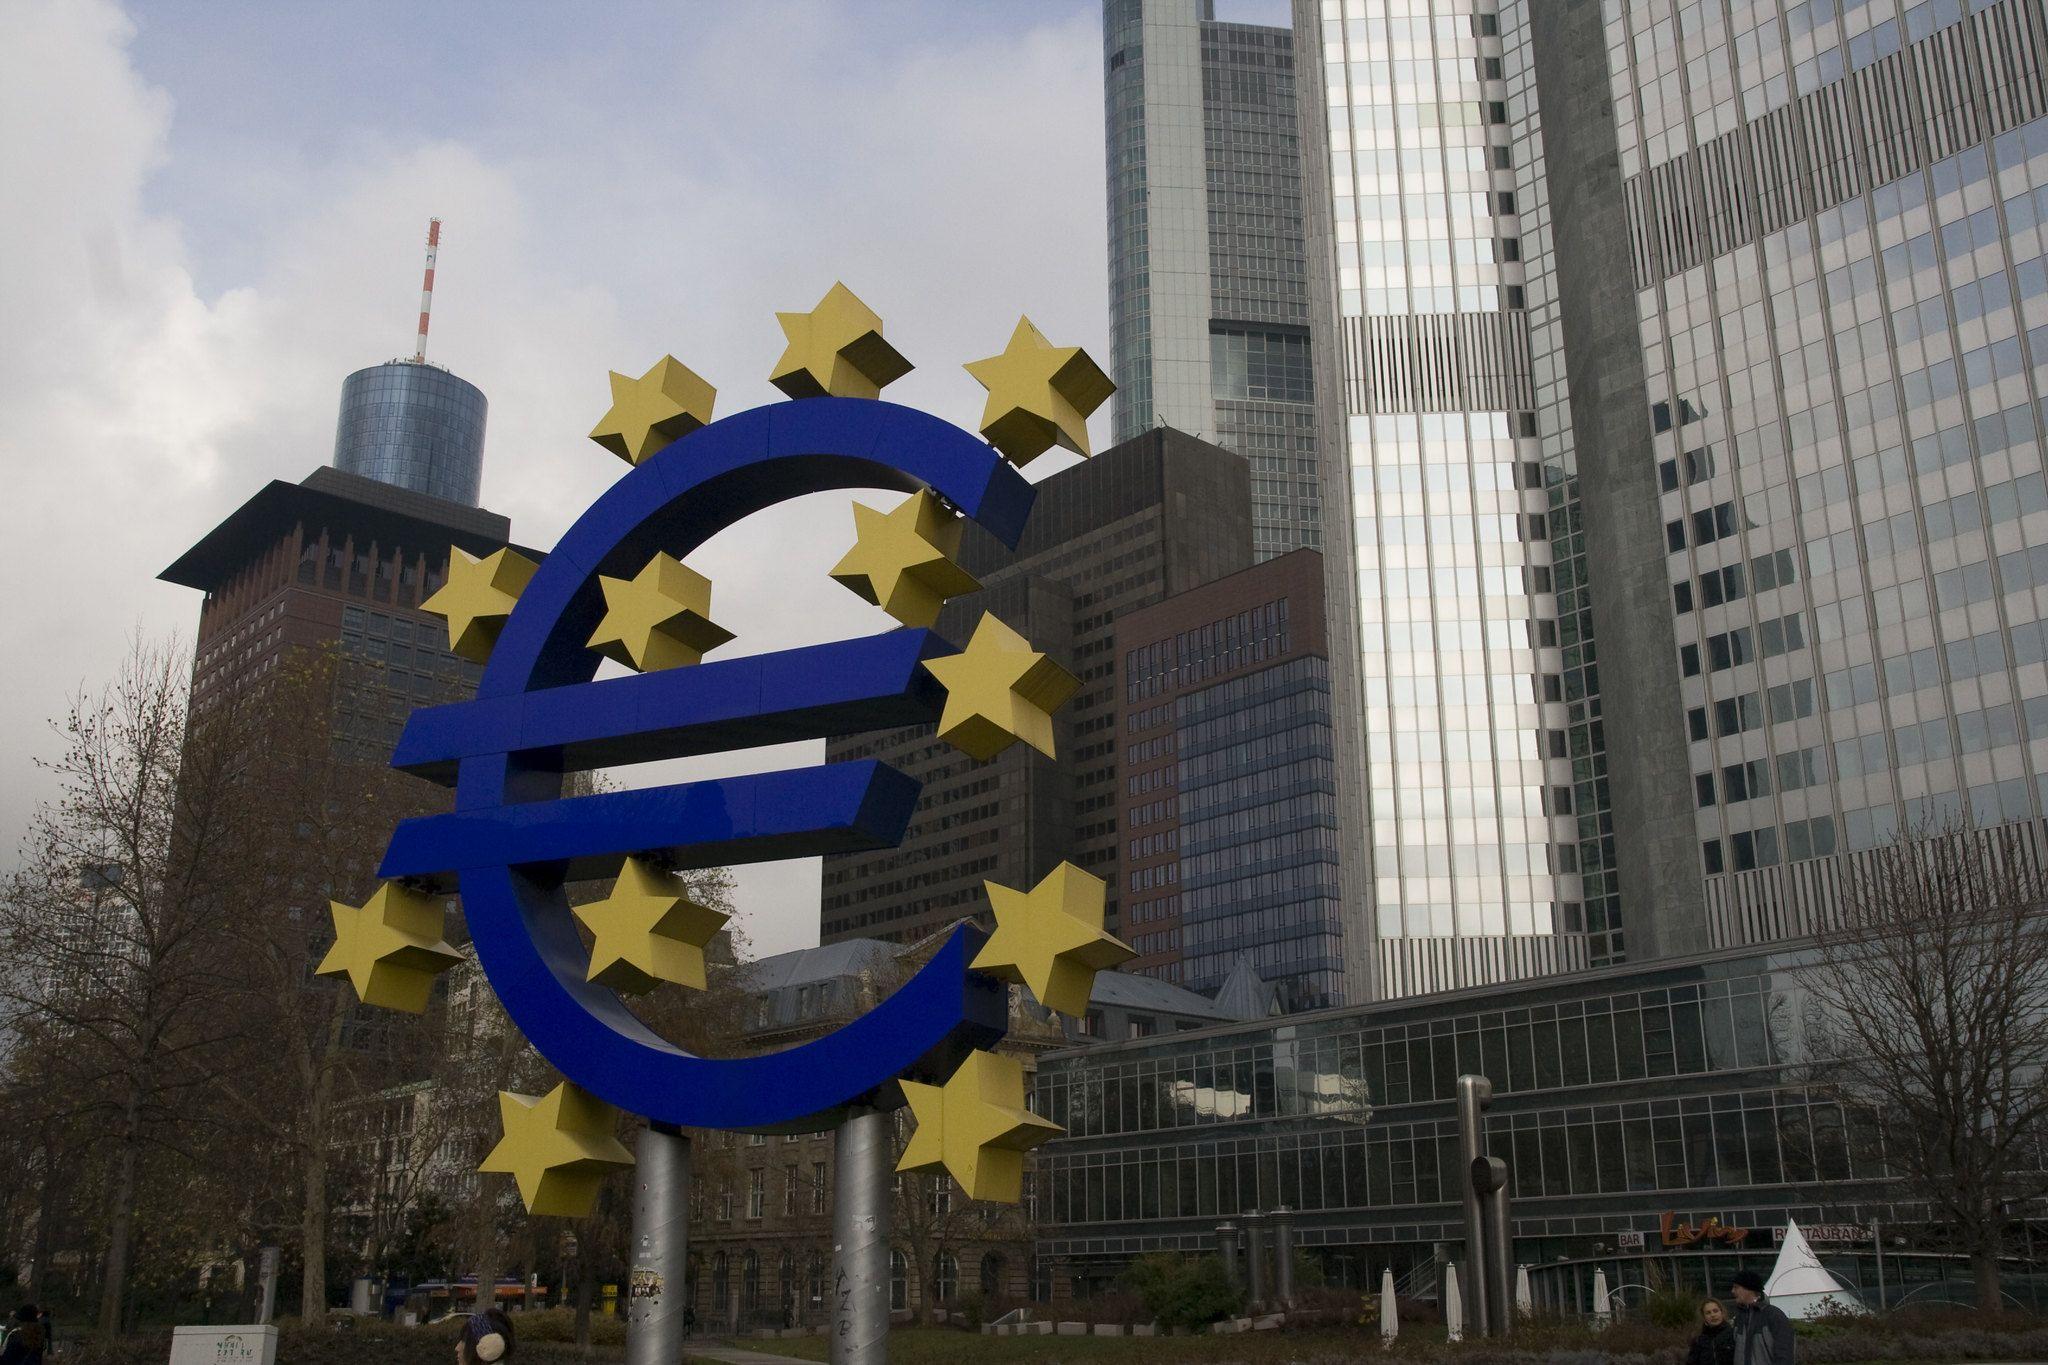 Das Euro-Zeichen als Denkmal vor der Europäischen Zentralbank in einem kleinen Park in Frankfurt.